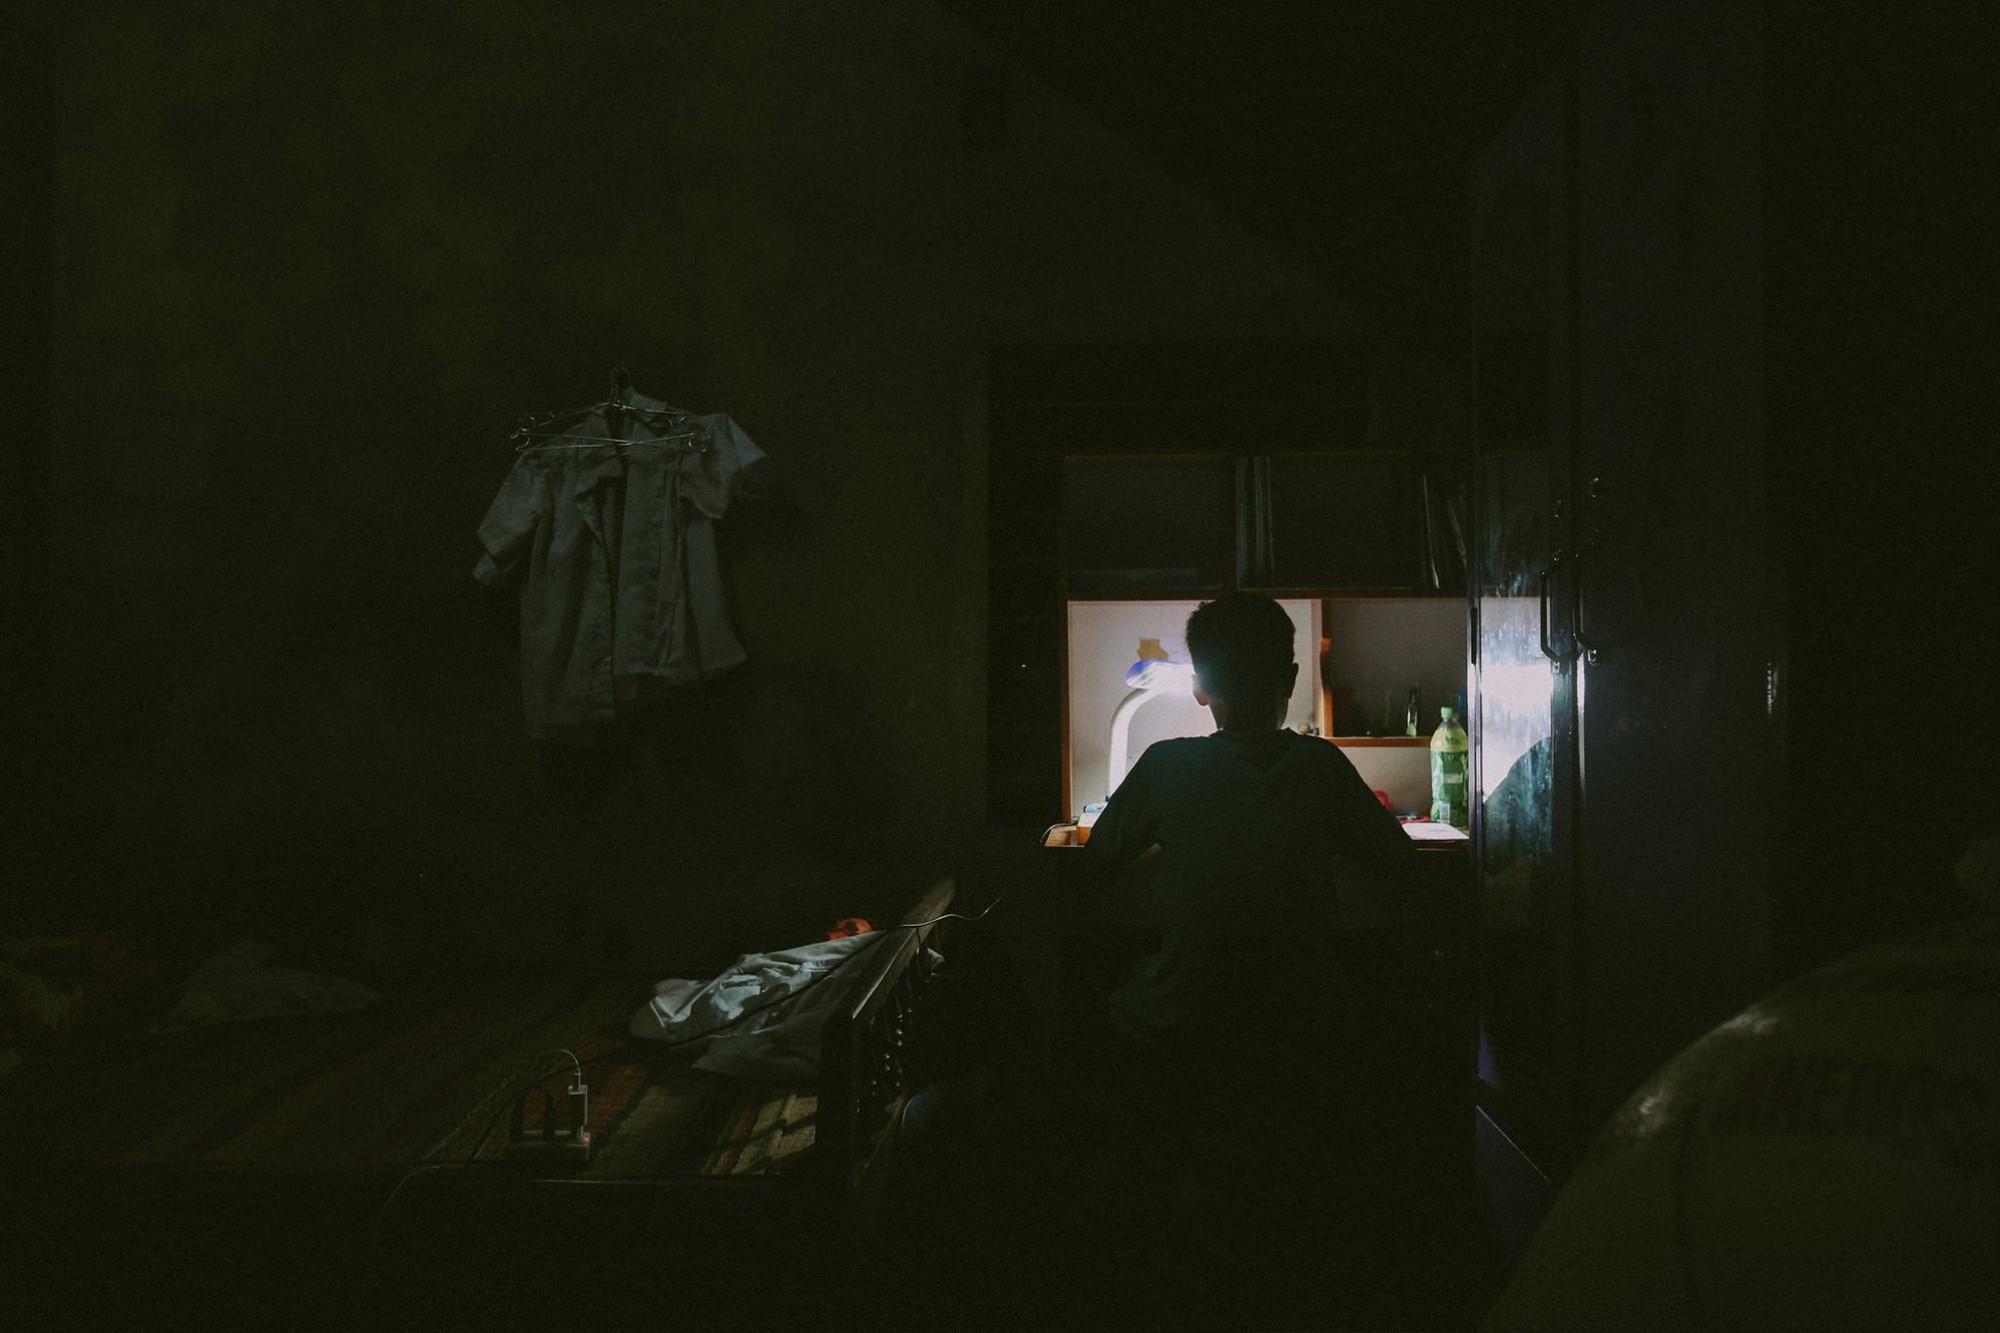 Bộ ảnh xúc động về cậu bé mồ côi ở Quảng Nam tự lập từ năm 12 tuổi, nuôi lợn để được đến trường - Ảnh 17.